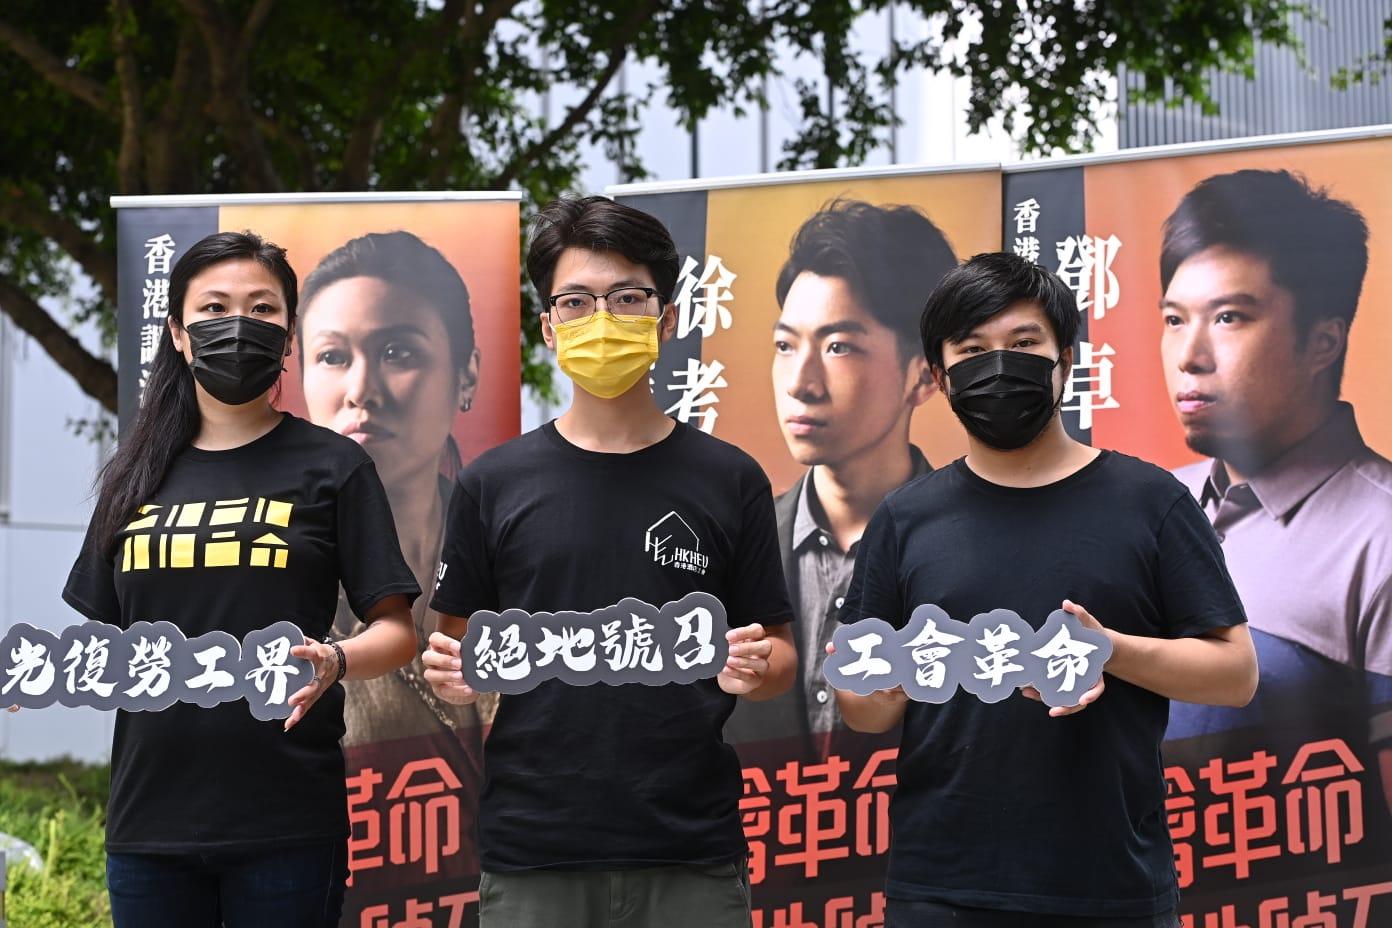 徐考澧(中)、侯翠珊(左)、鄧卓文(右)報名參加立法會功能界別選舉。(宋碧龍 / 大紀元)